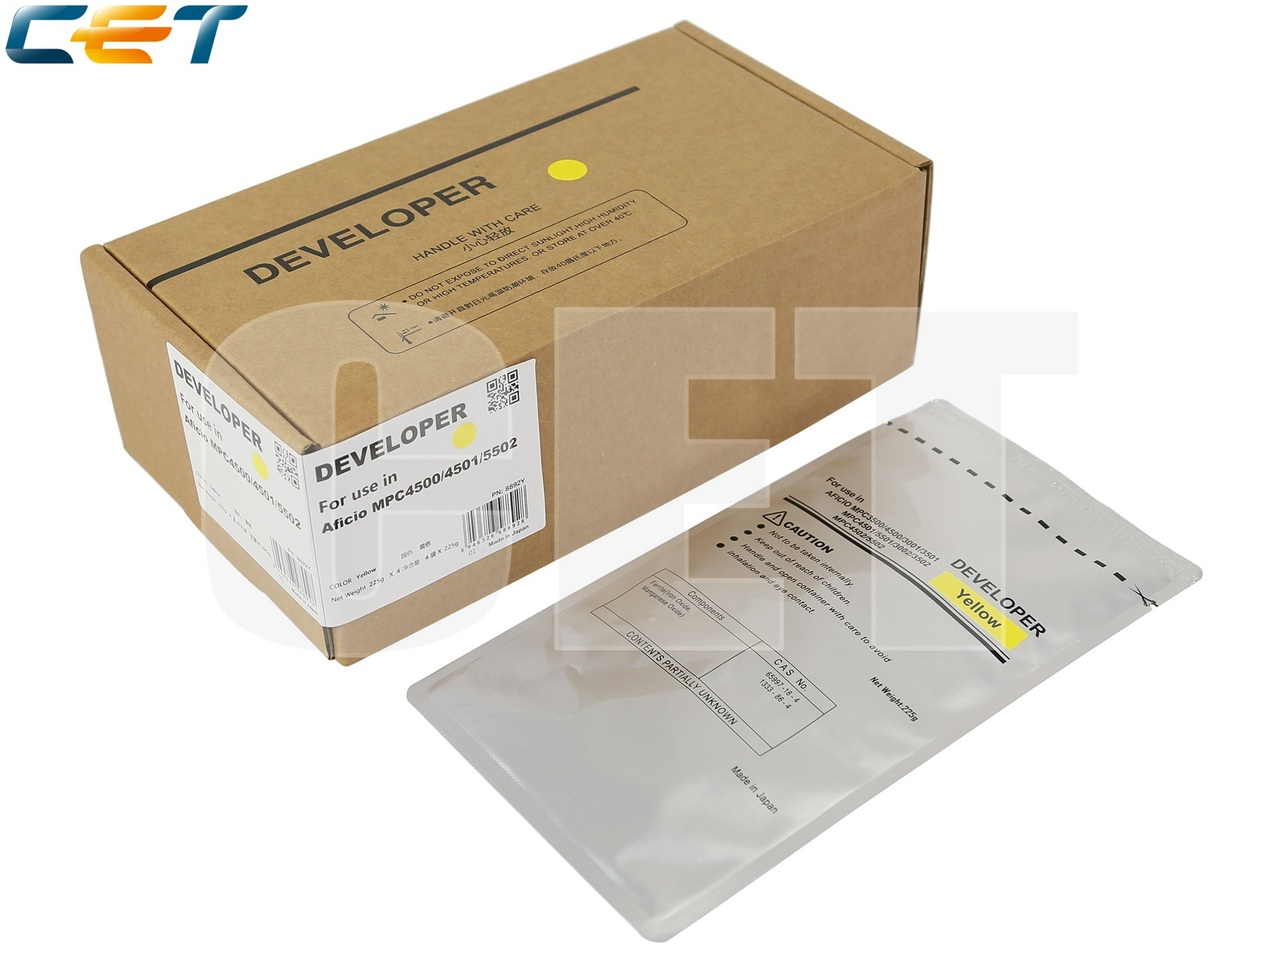 Девелопер для RICOH Aficio MPC4500/4501/5502 (CET) Yellow,225г, 160000 стр., CET8892Y